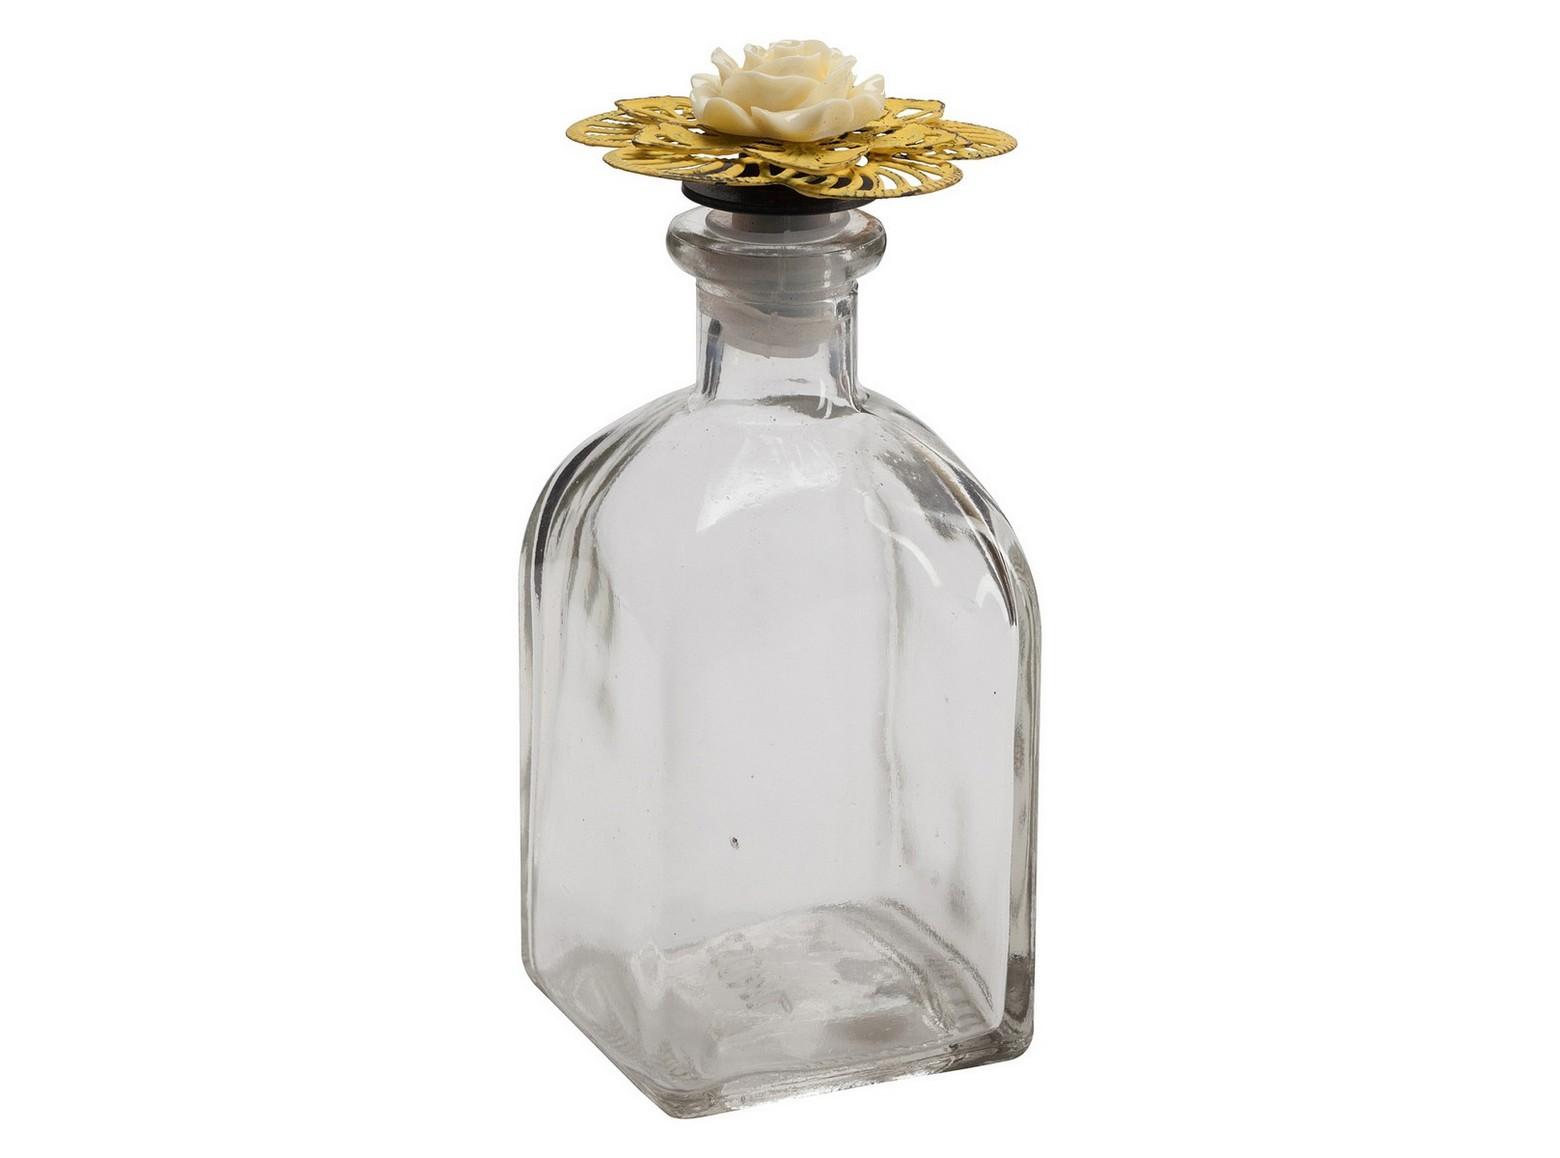 Декоративный флакон FleurЕмкости для хранения<br><br><br>Material: Стекло<br>Ширина см: 7<br>Высота см: 15<br>Глубина см: 7